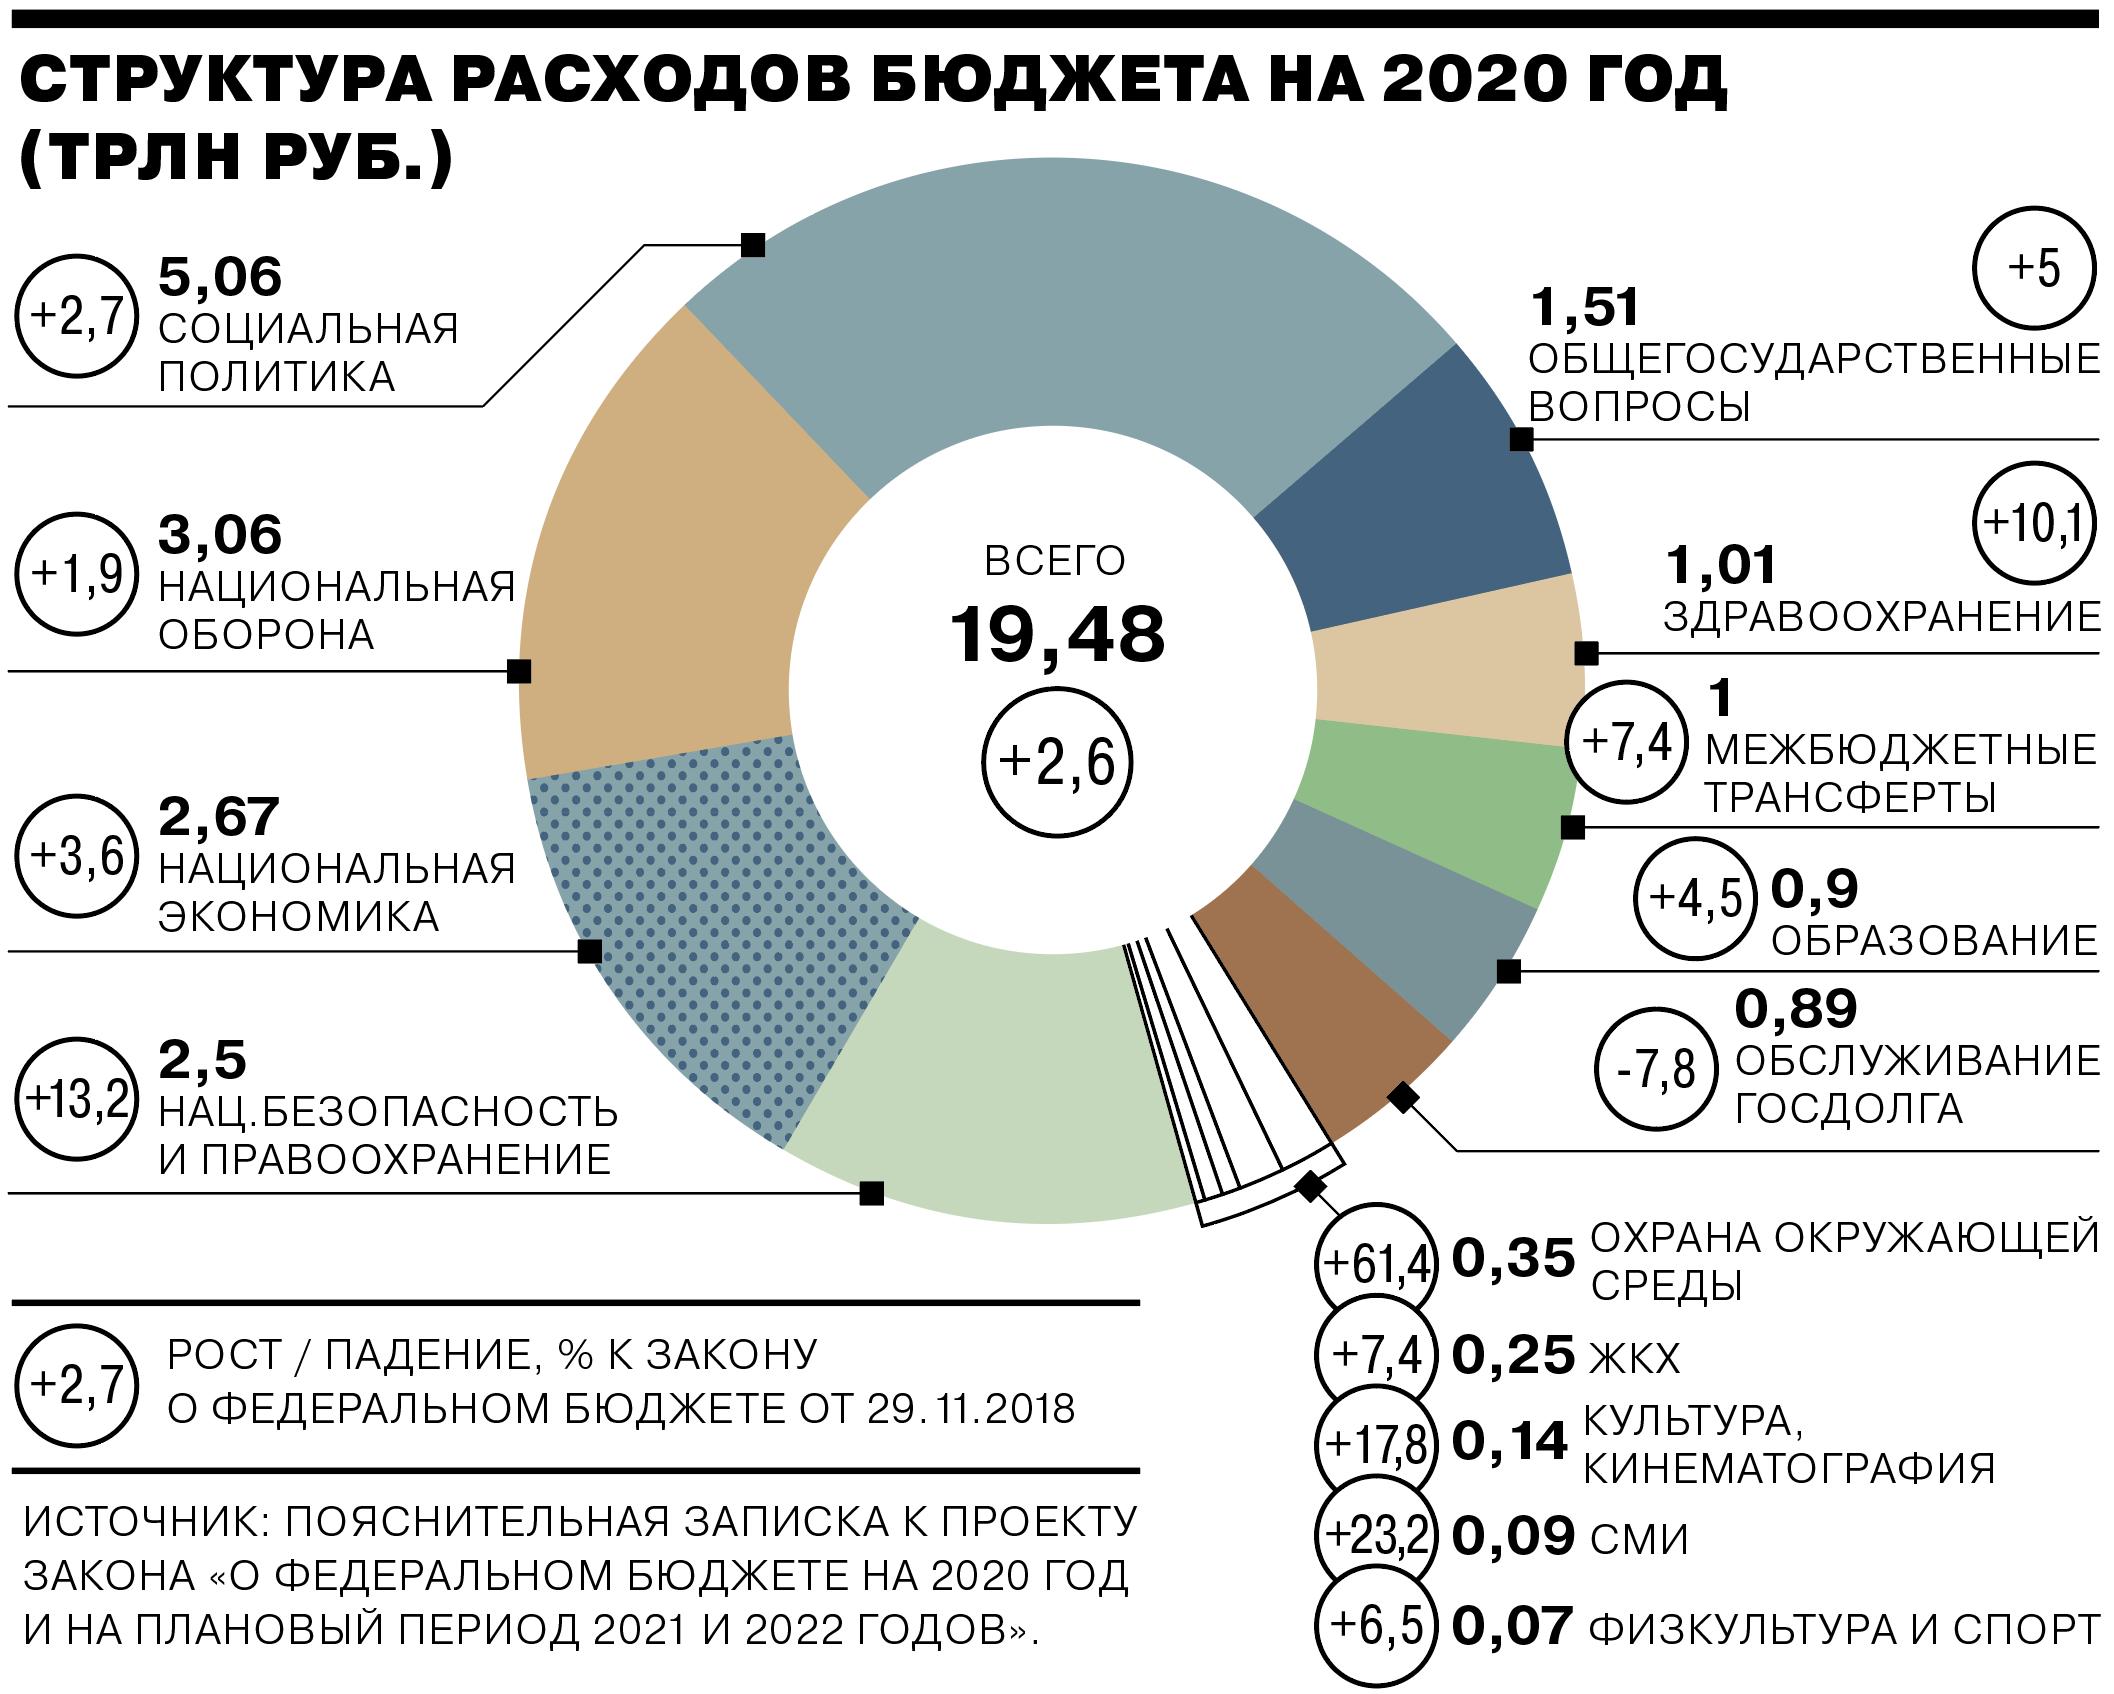 Бюджет россии за 2020 и за 2020 годы